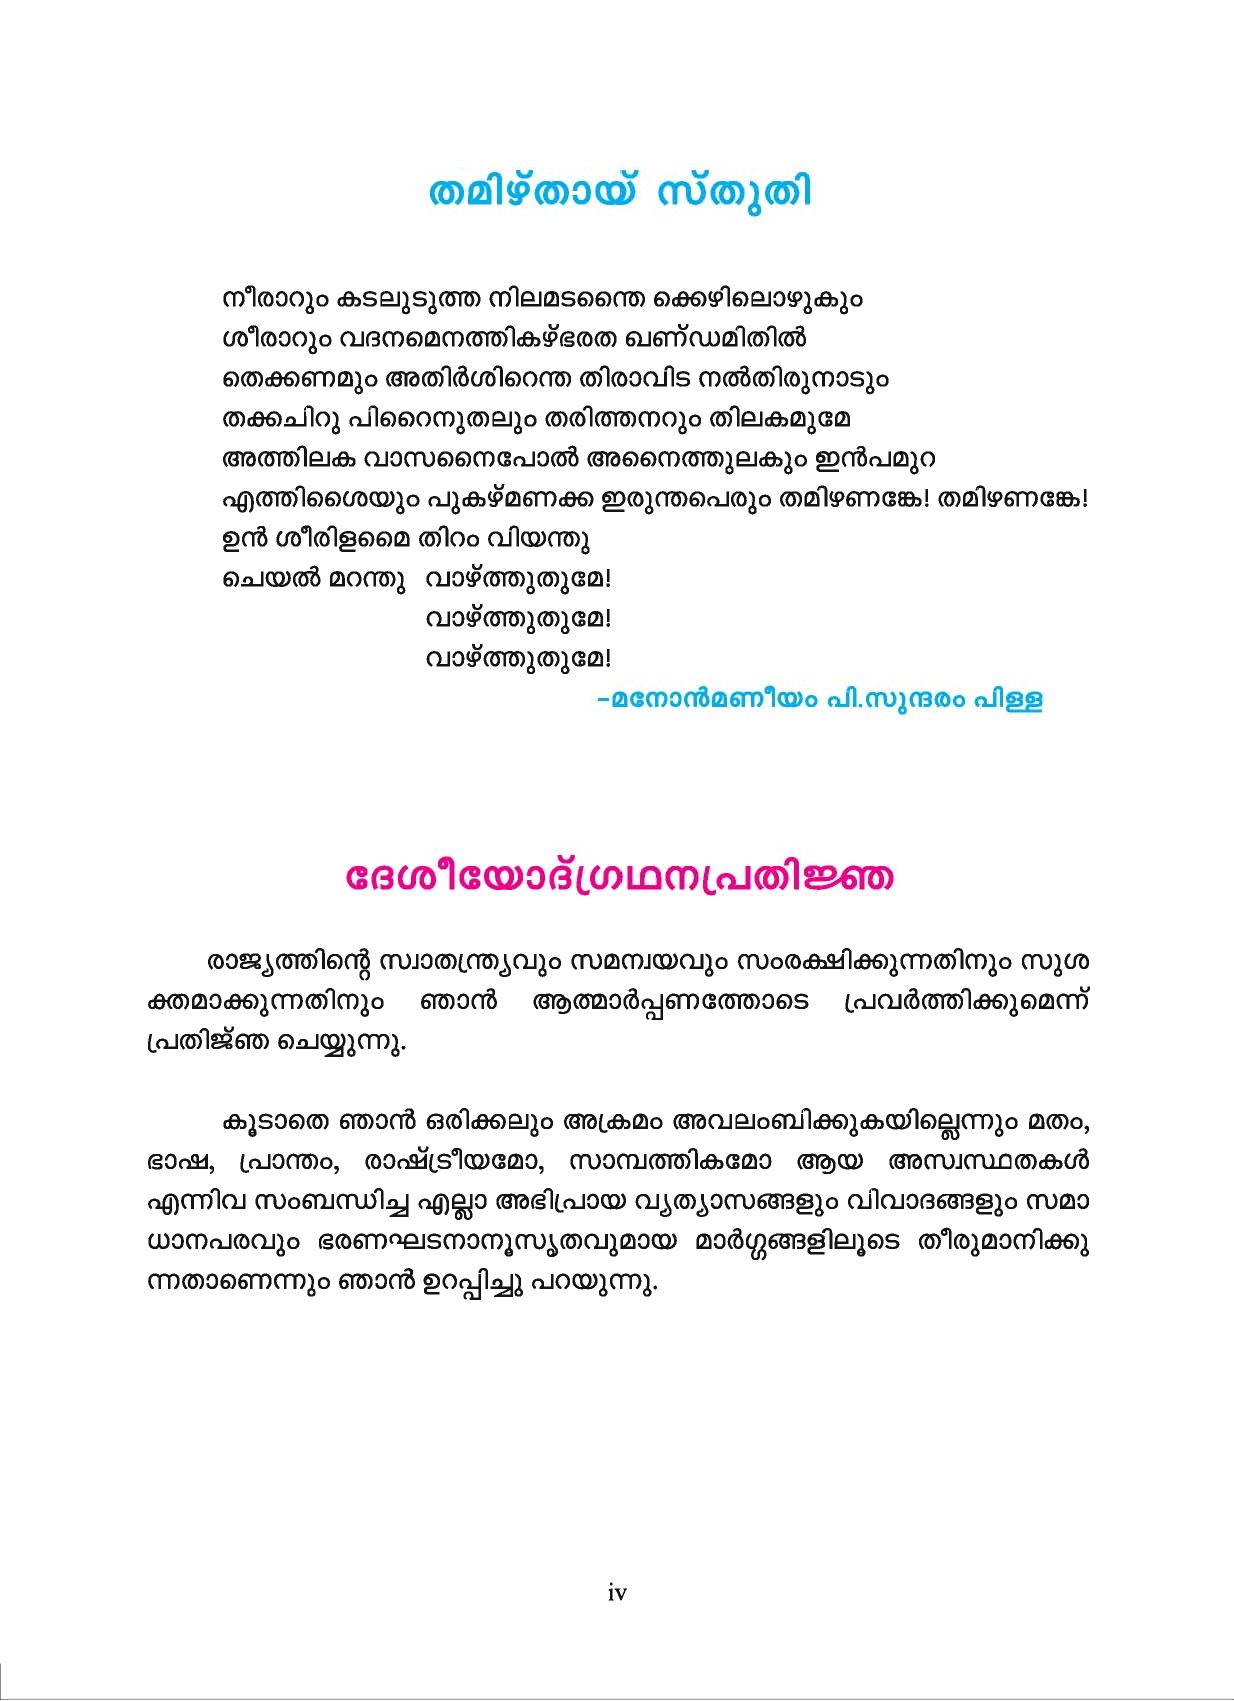 Grade / Standard / Class 04, Malayalam Medium, Malayalam